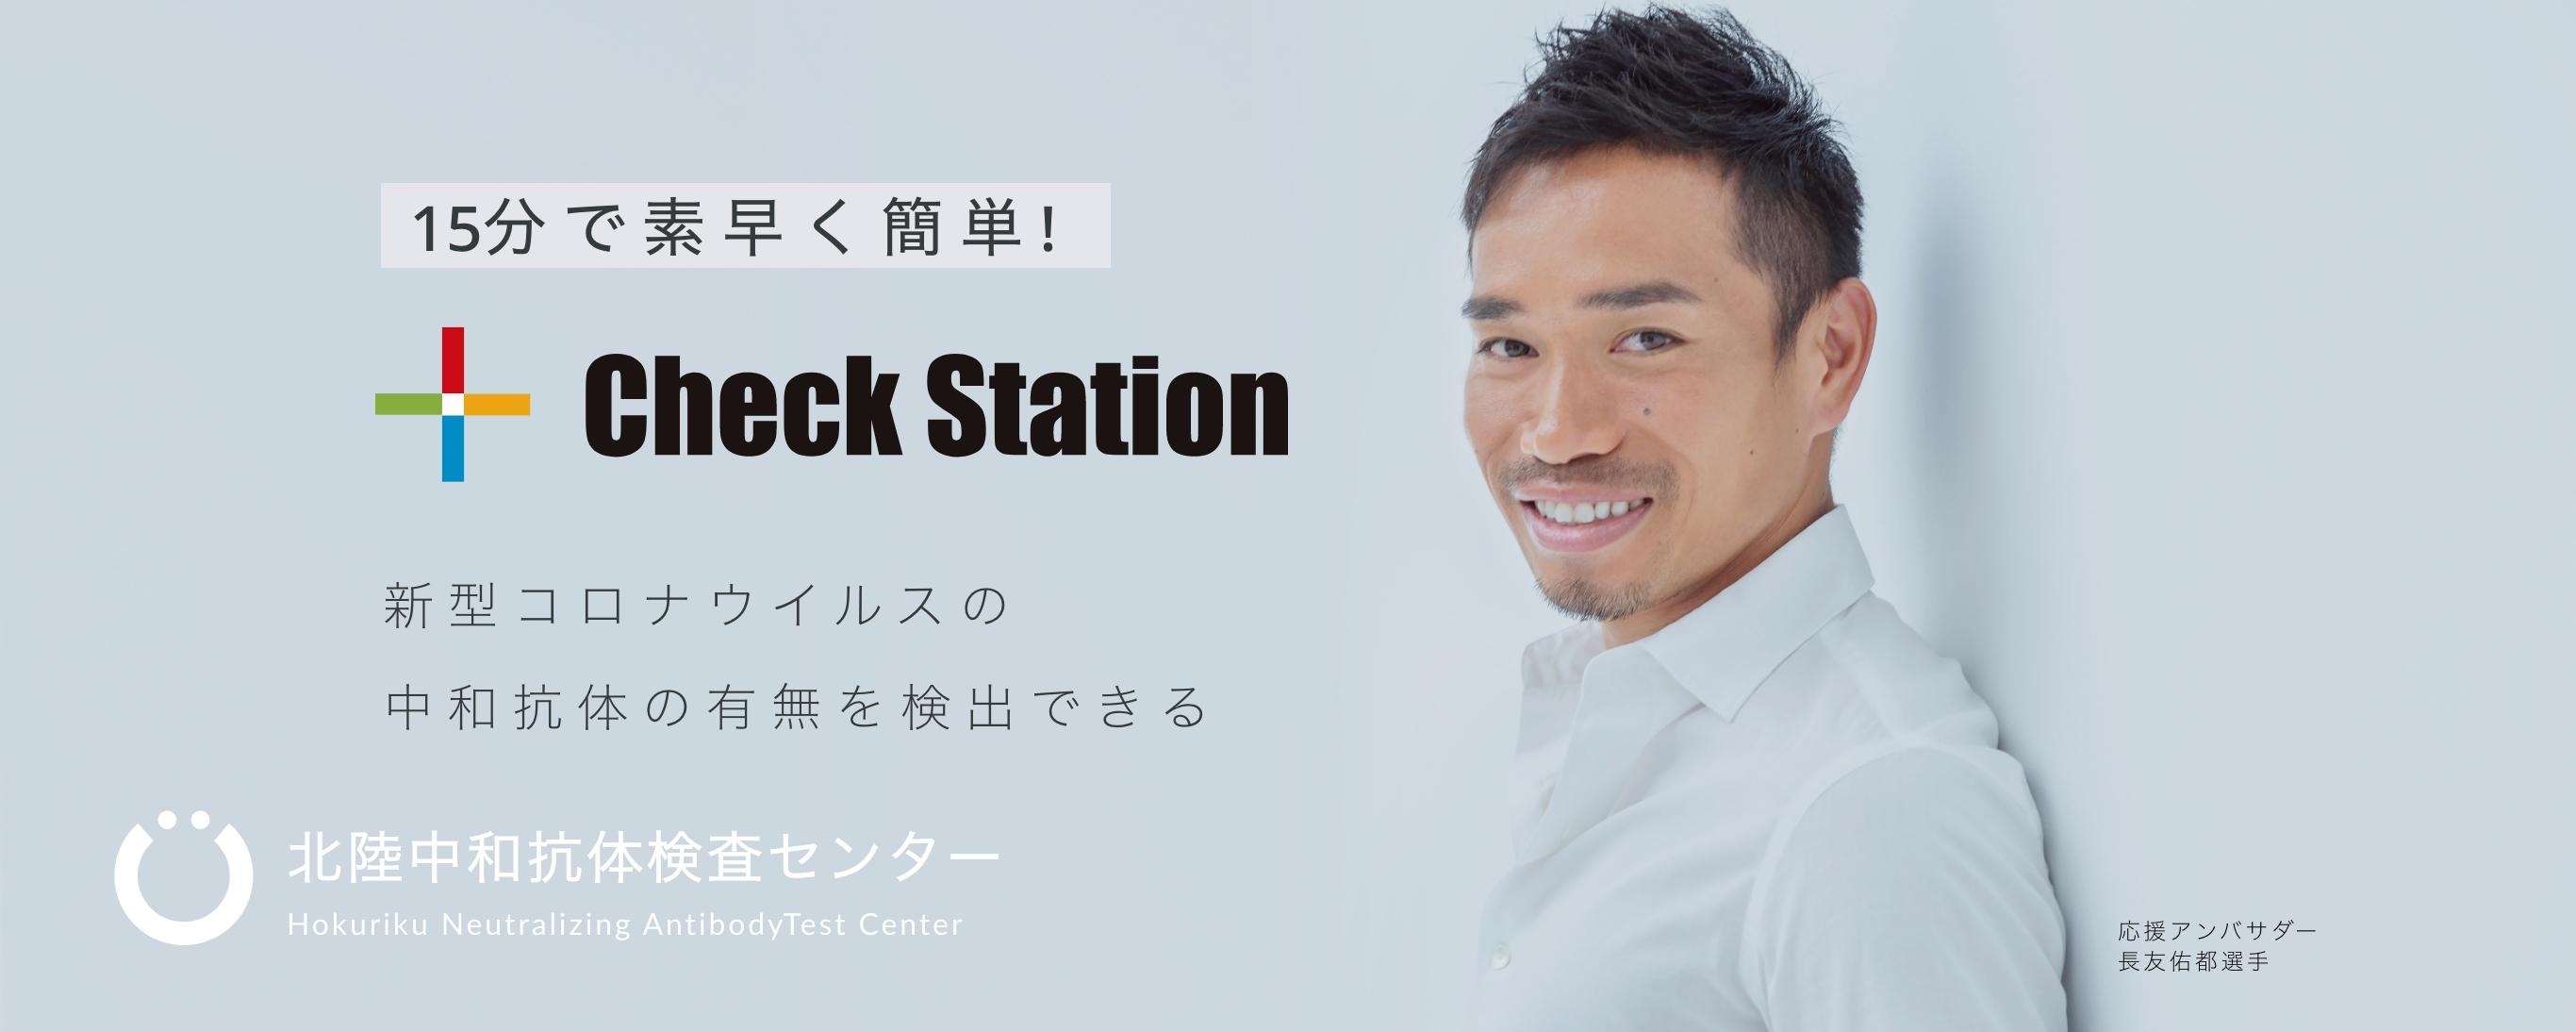 北陸中和抗体検査センター Check Station